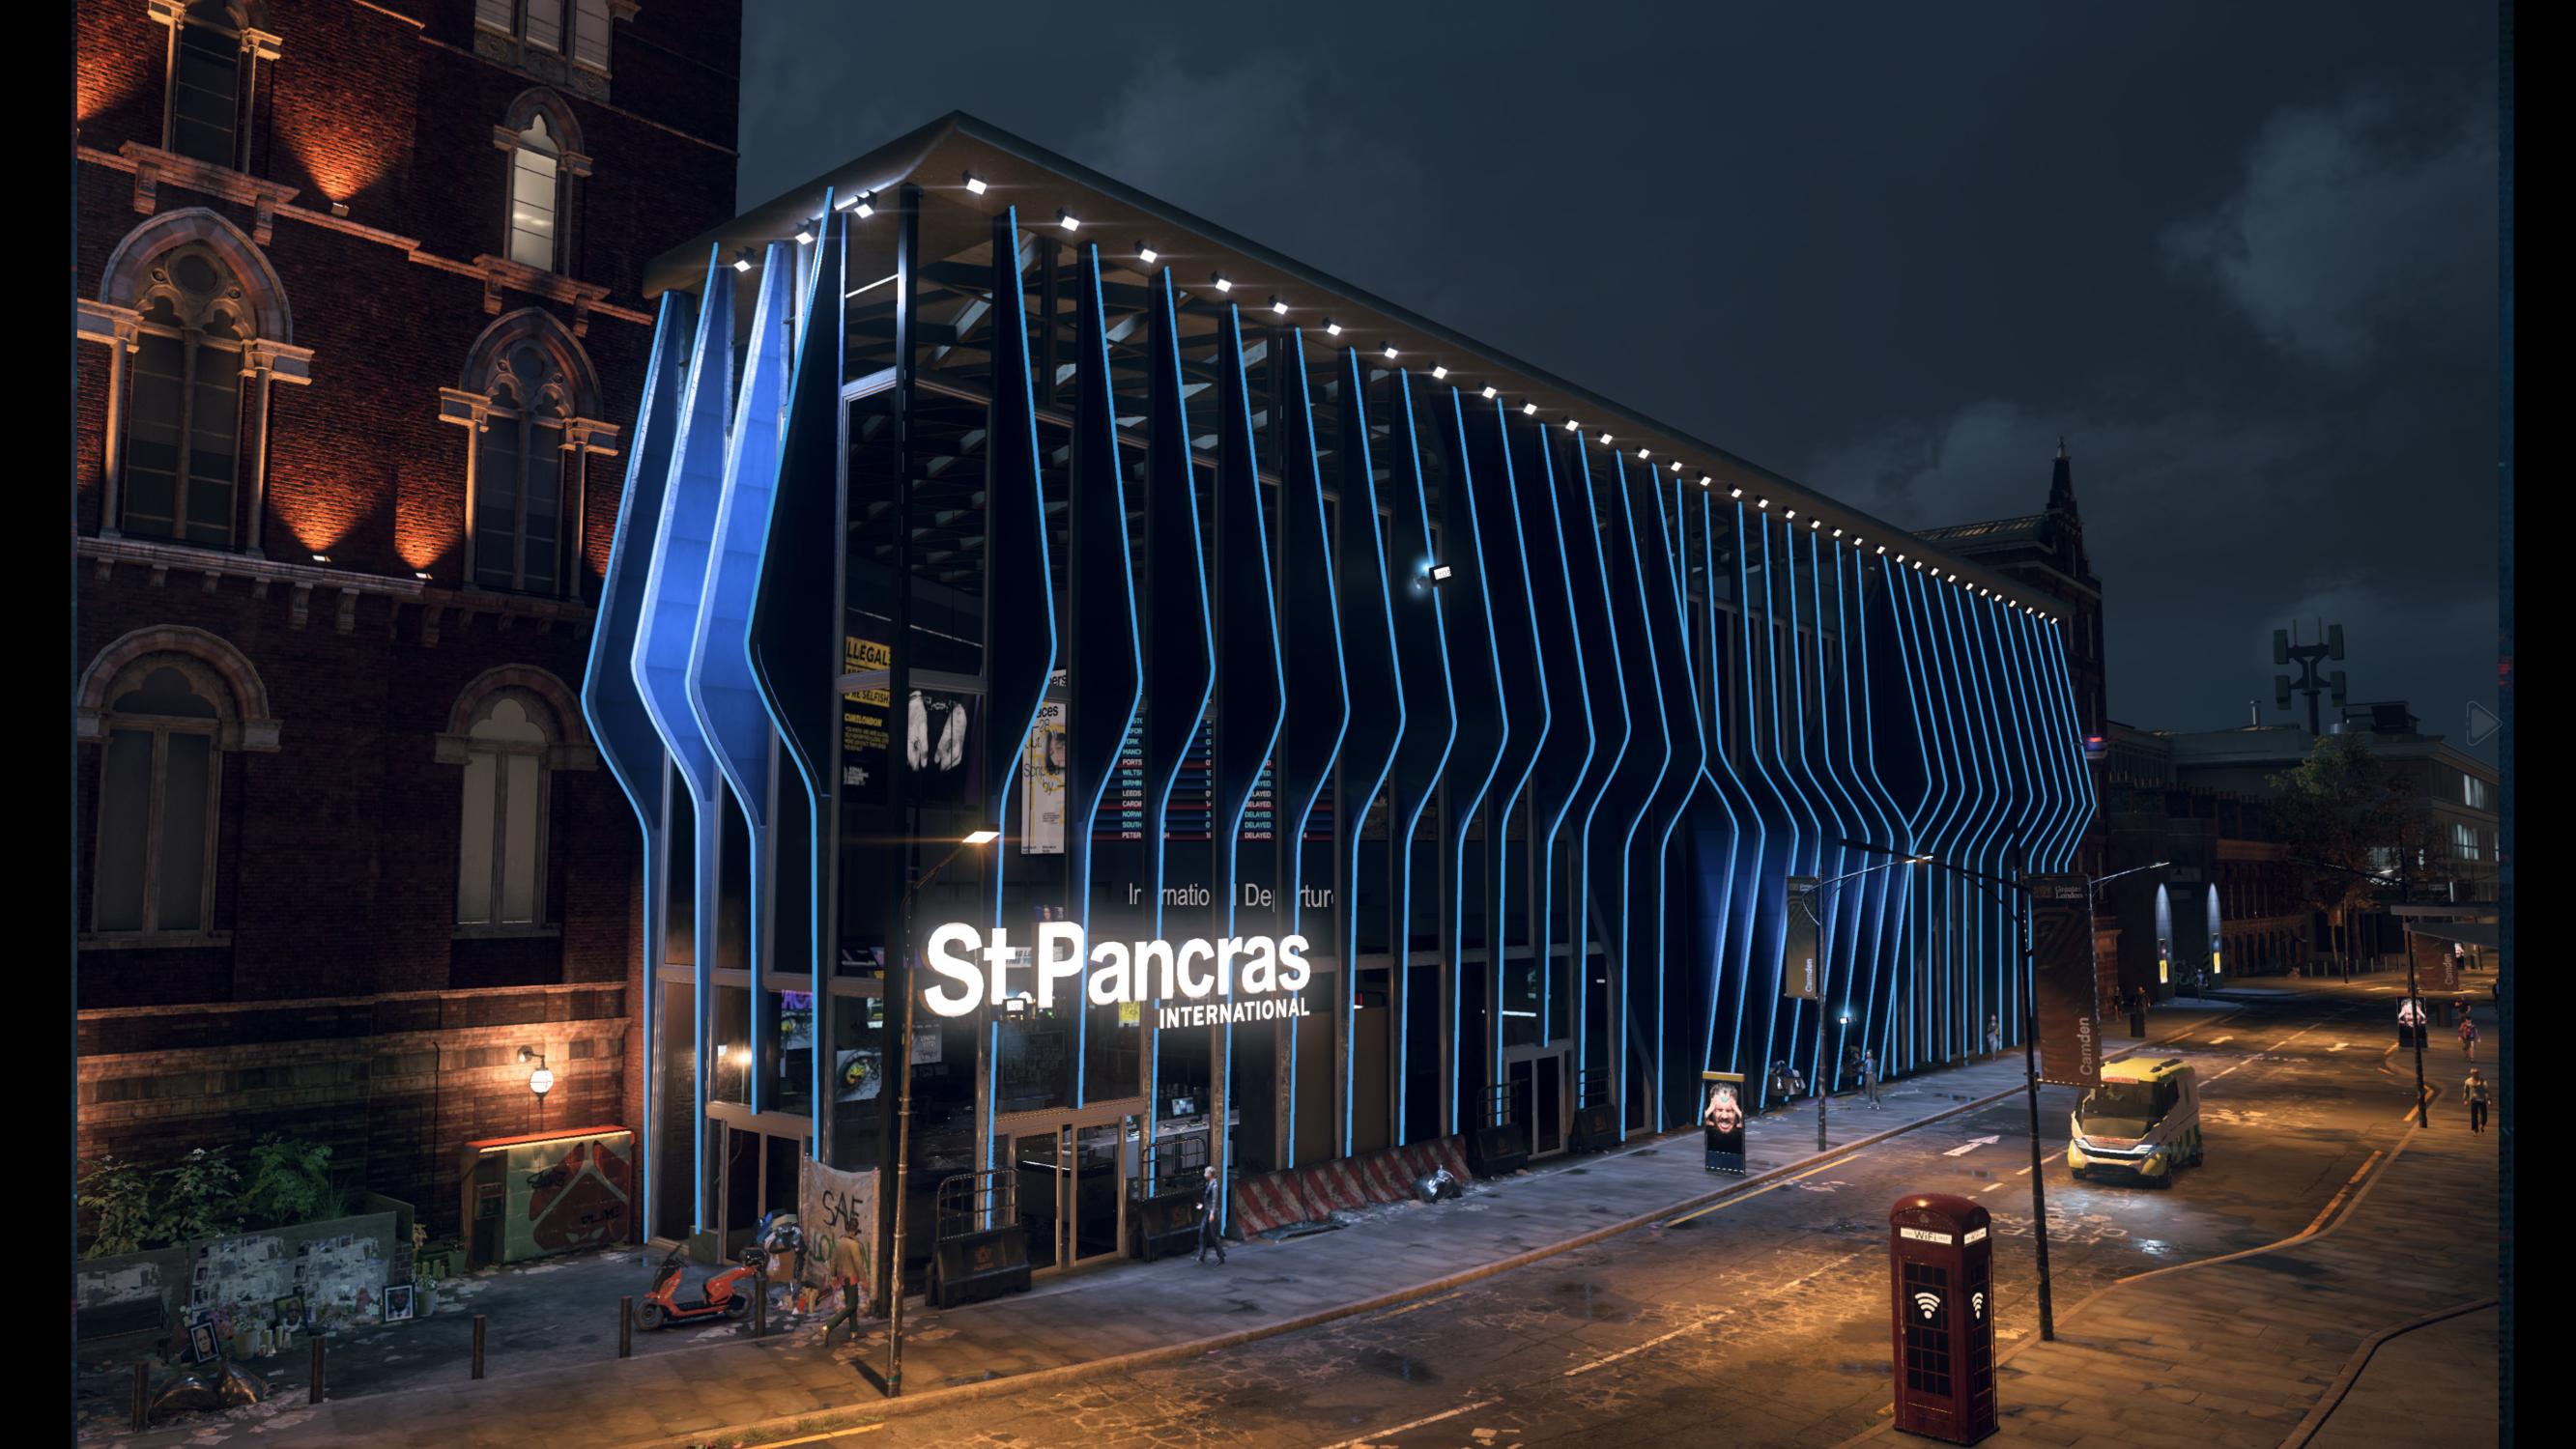 St. Pancras International